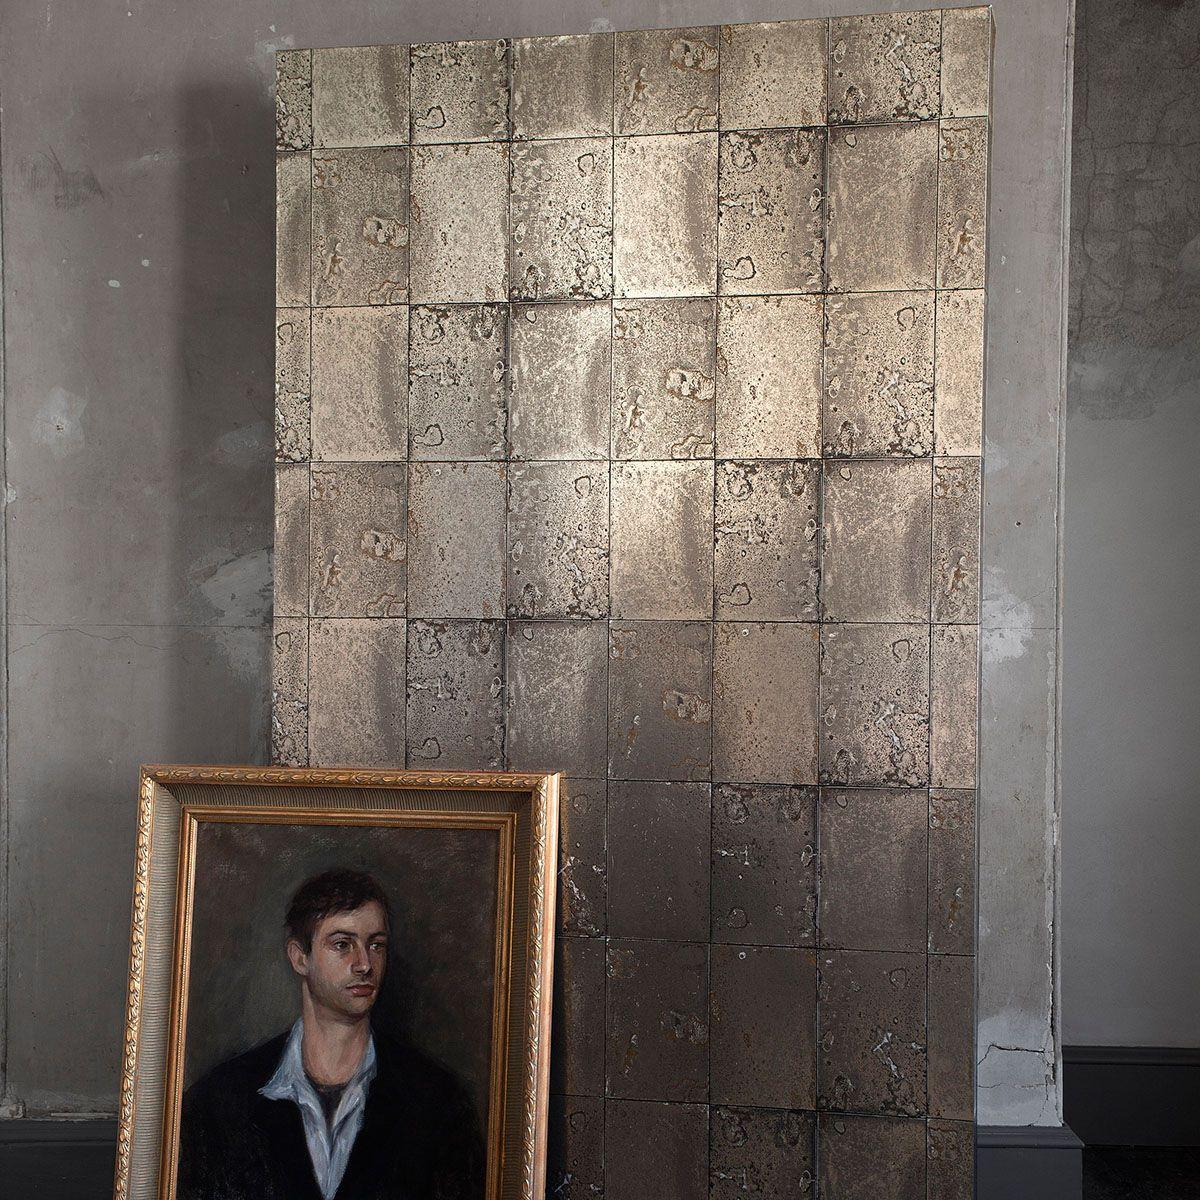 ANTIQUE MIRROR 92/2009 wallpaper Cole & Son Antique